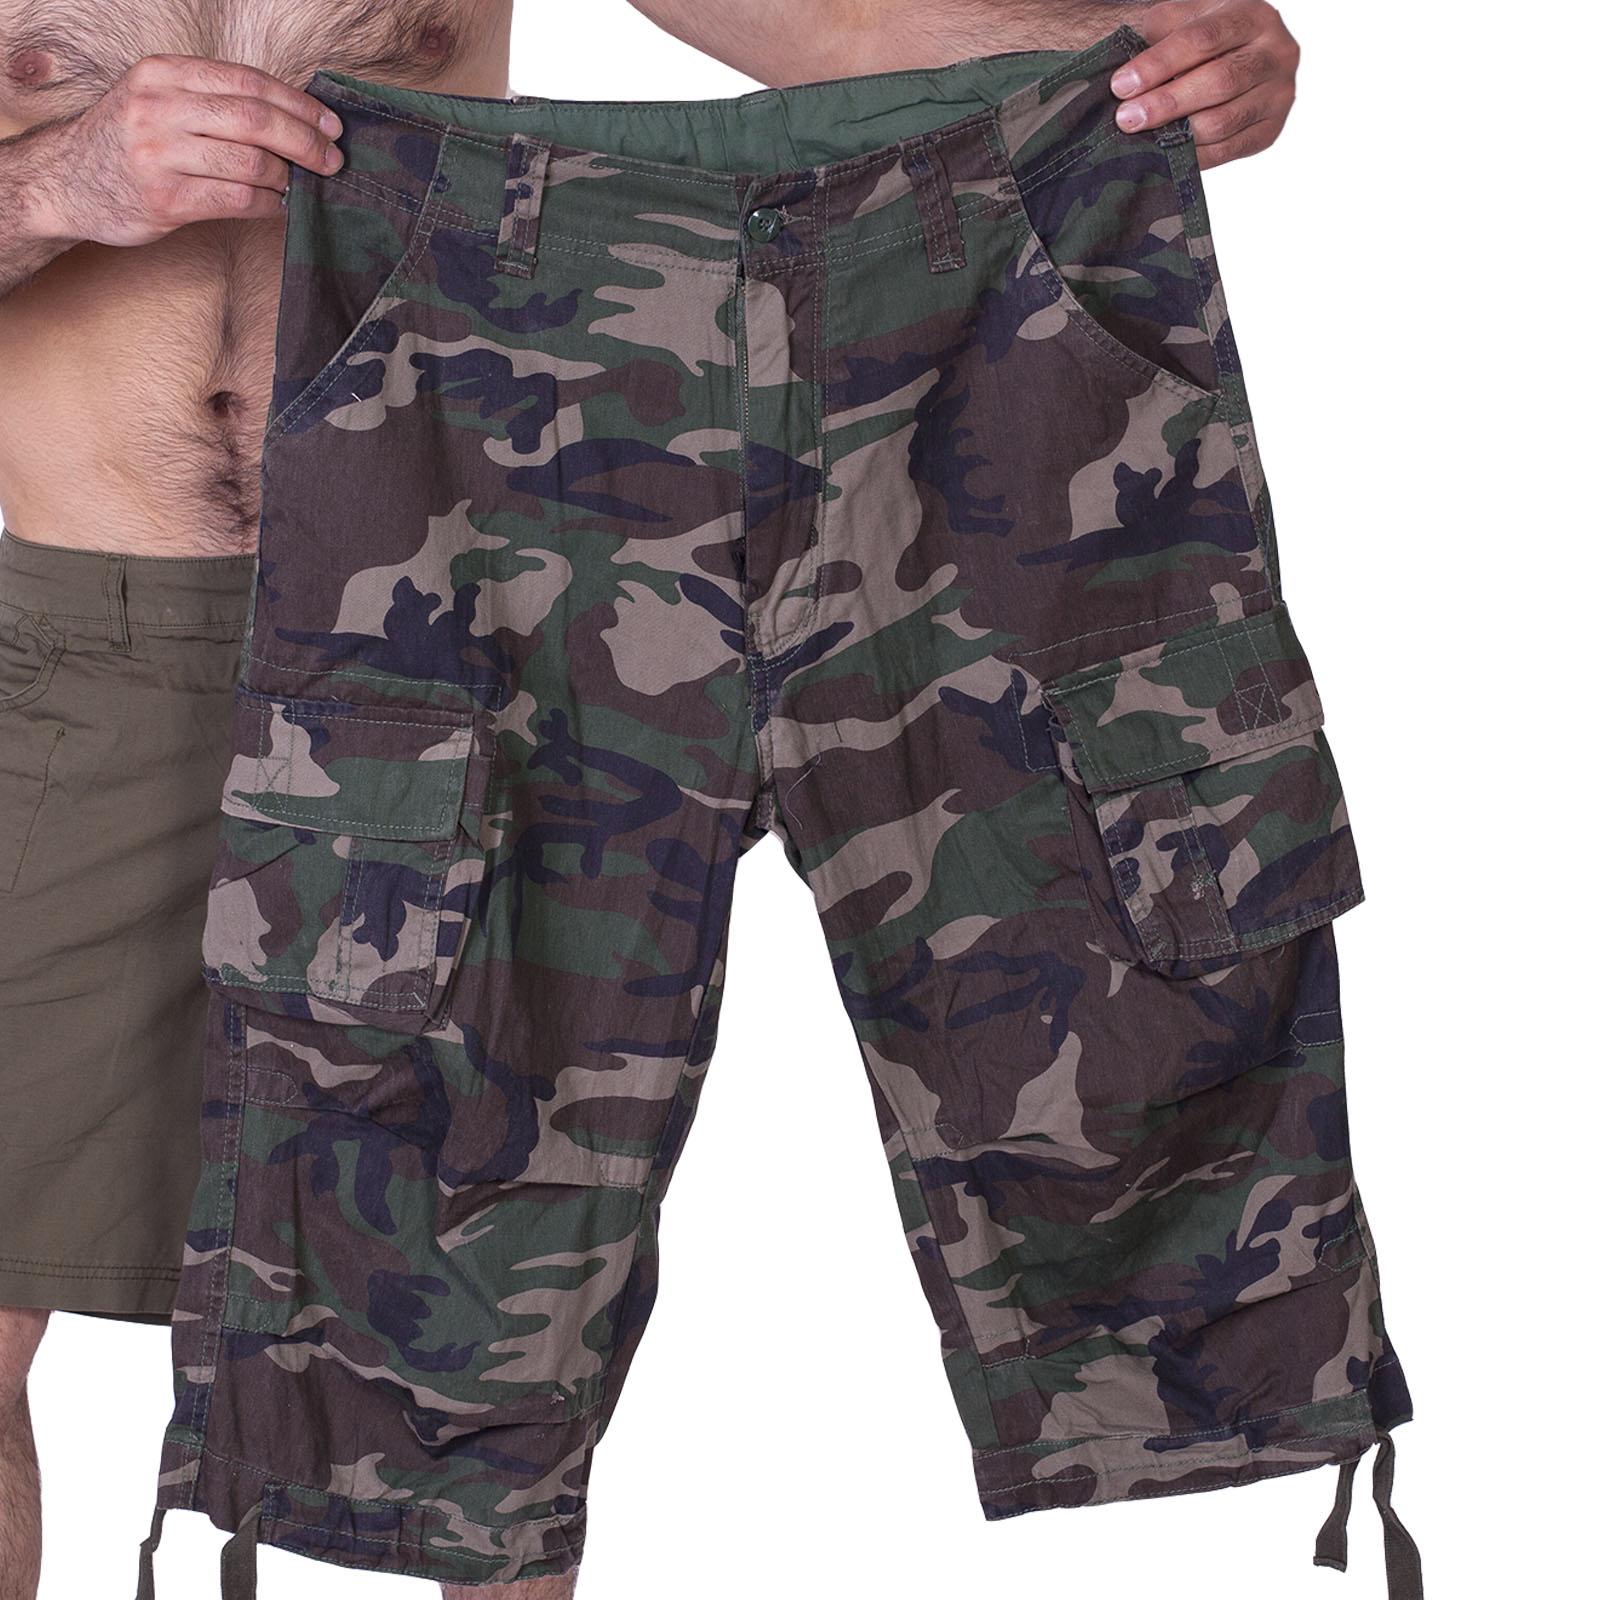 Камуфляжные шорты бермуды Brandit купить оптом и в розницу